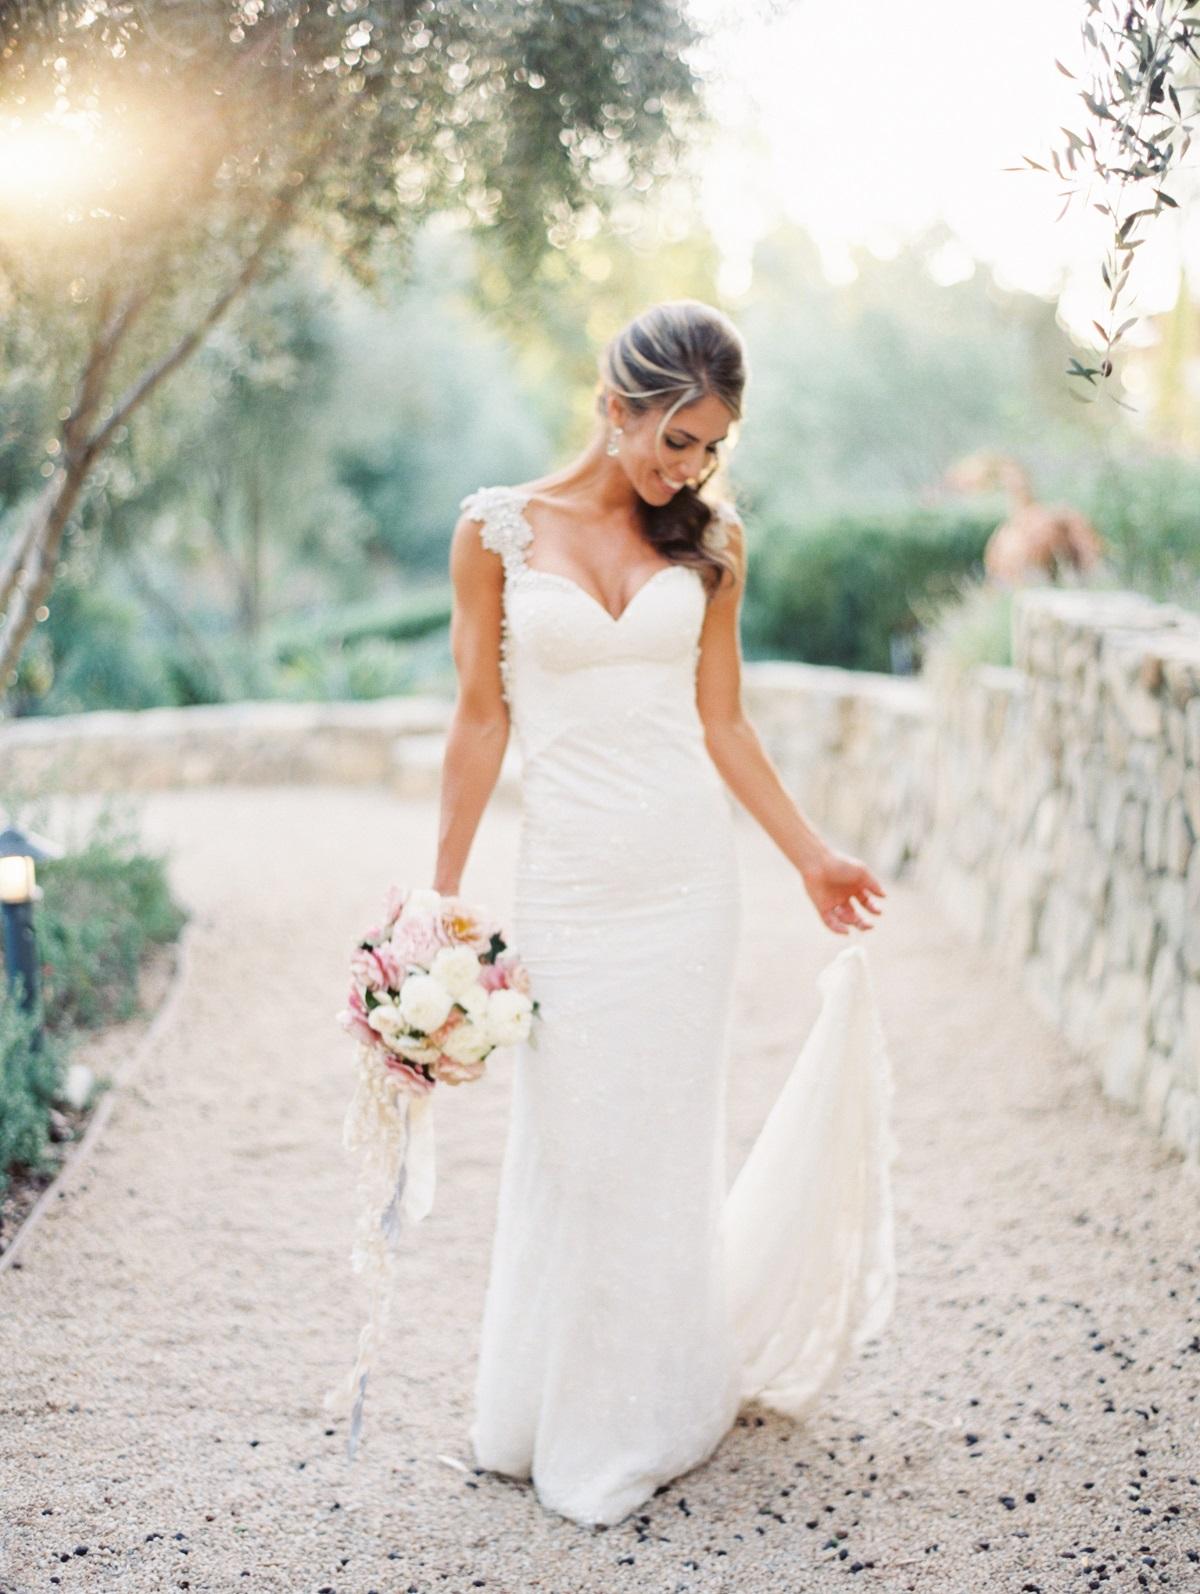 0559-Alyssa + Emilio Wedding